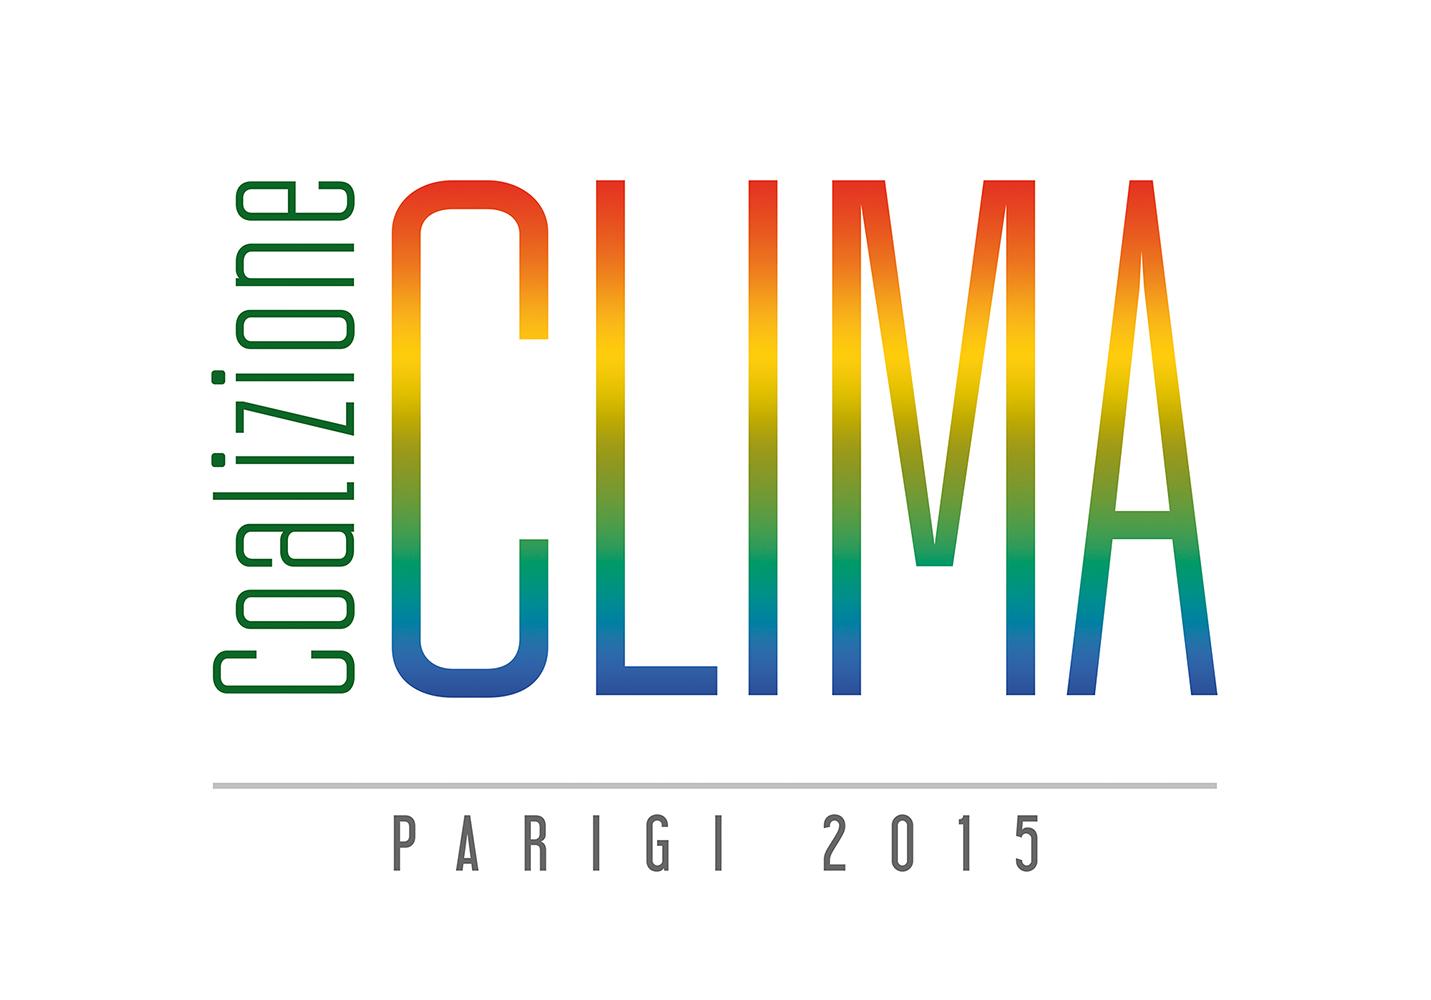 Anche noi alla marcia per il clima: necessario mobilitarsi subito per un nuovo modello di sviluppo